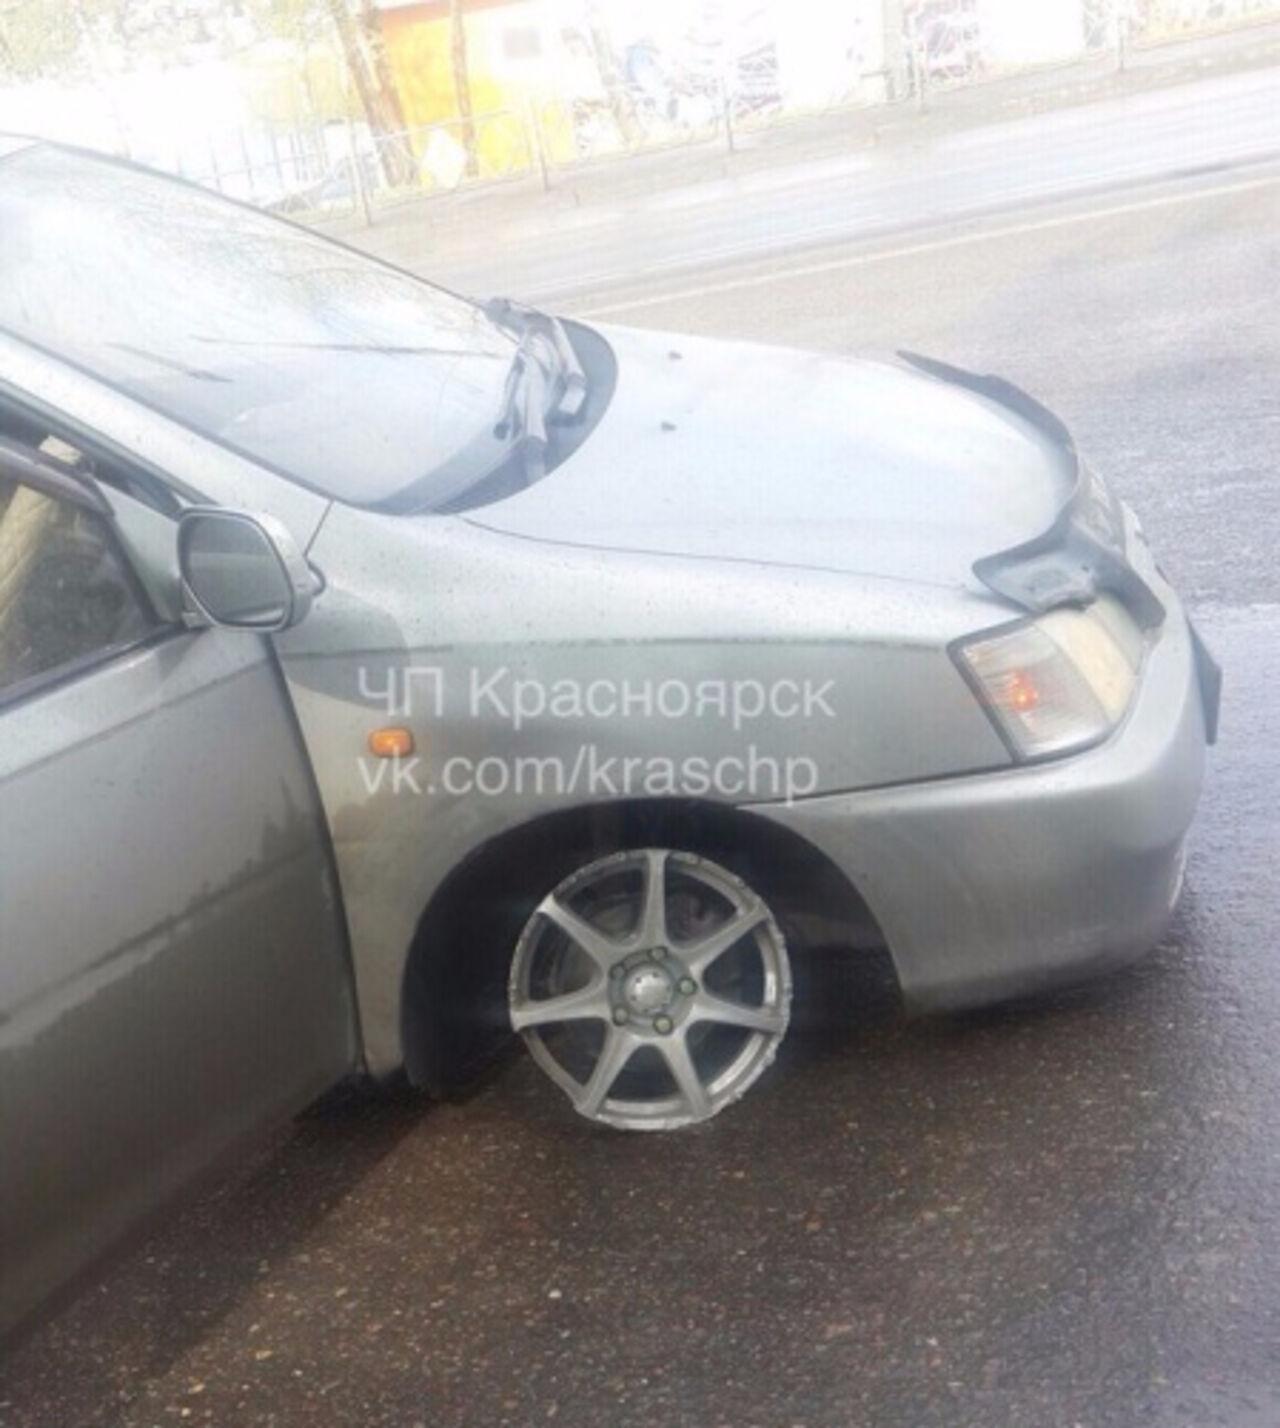 ВКрасноярске пьяная автоледи лихачила надороге смалолетним сыном всалоне